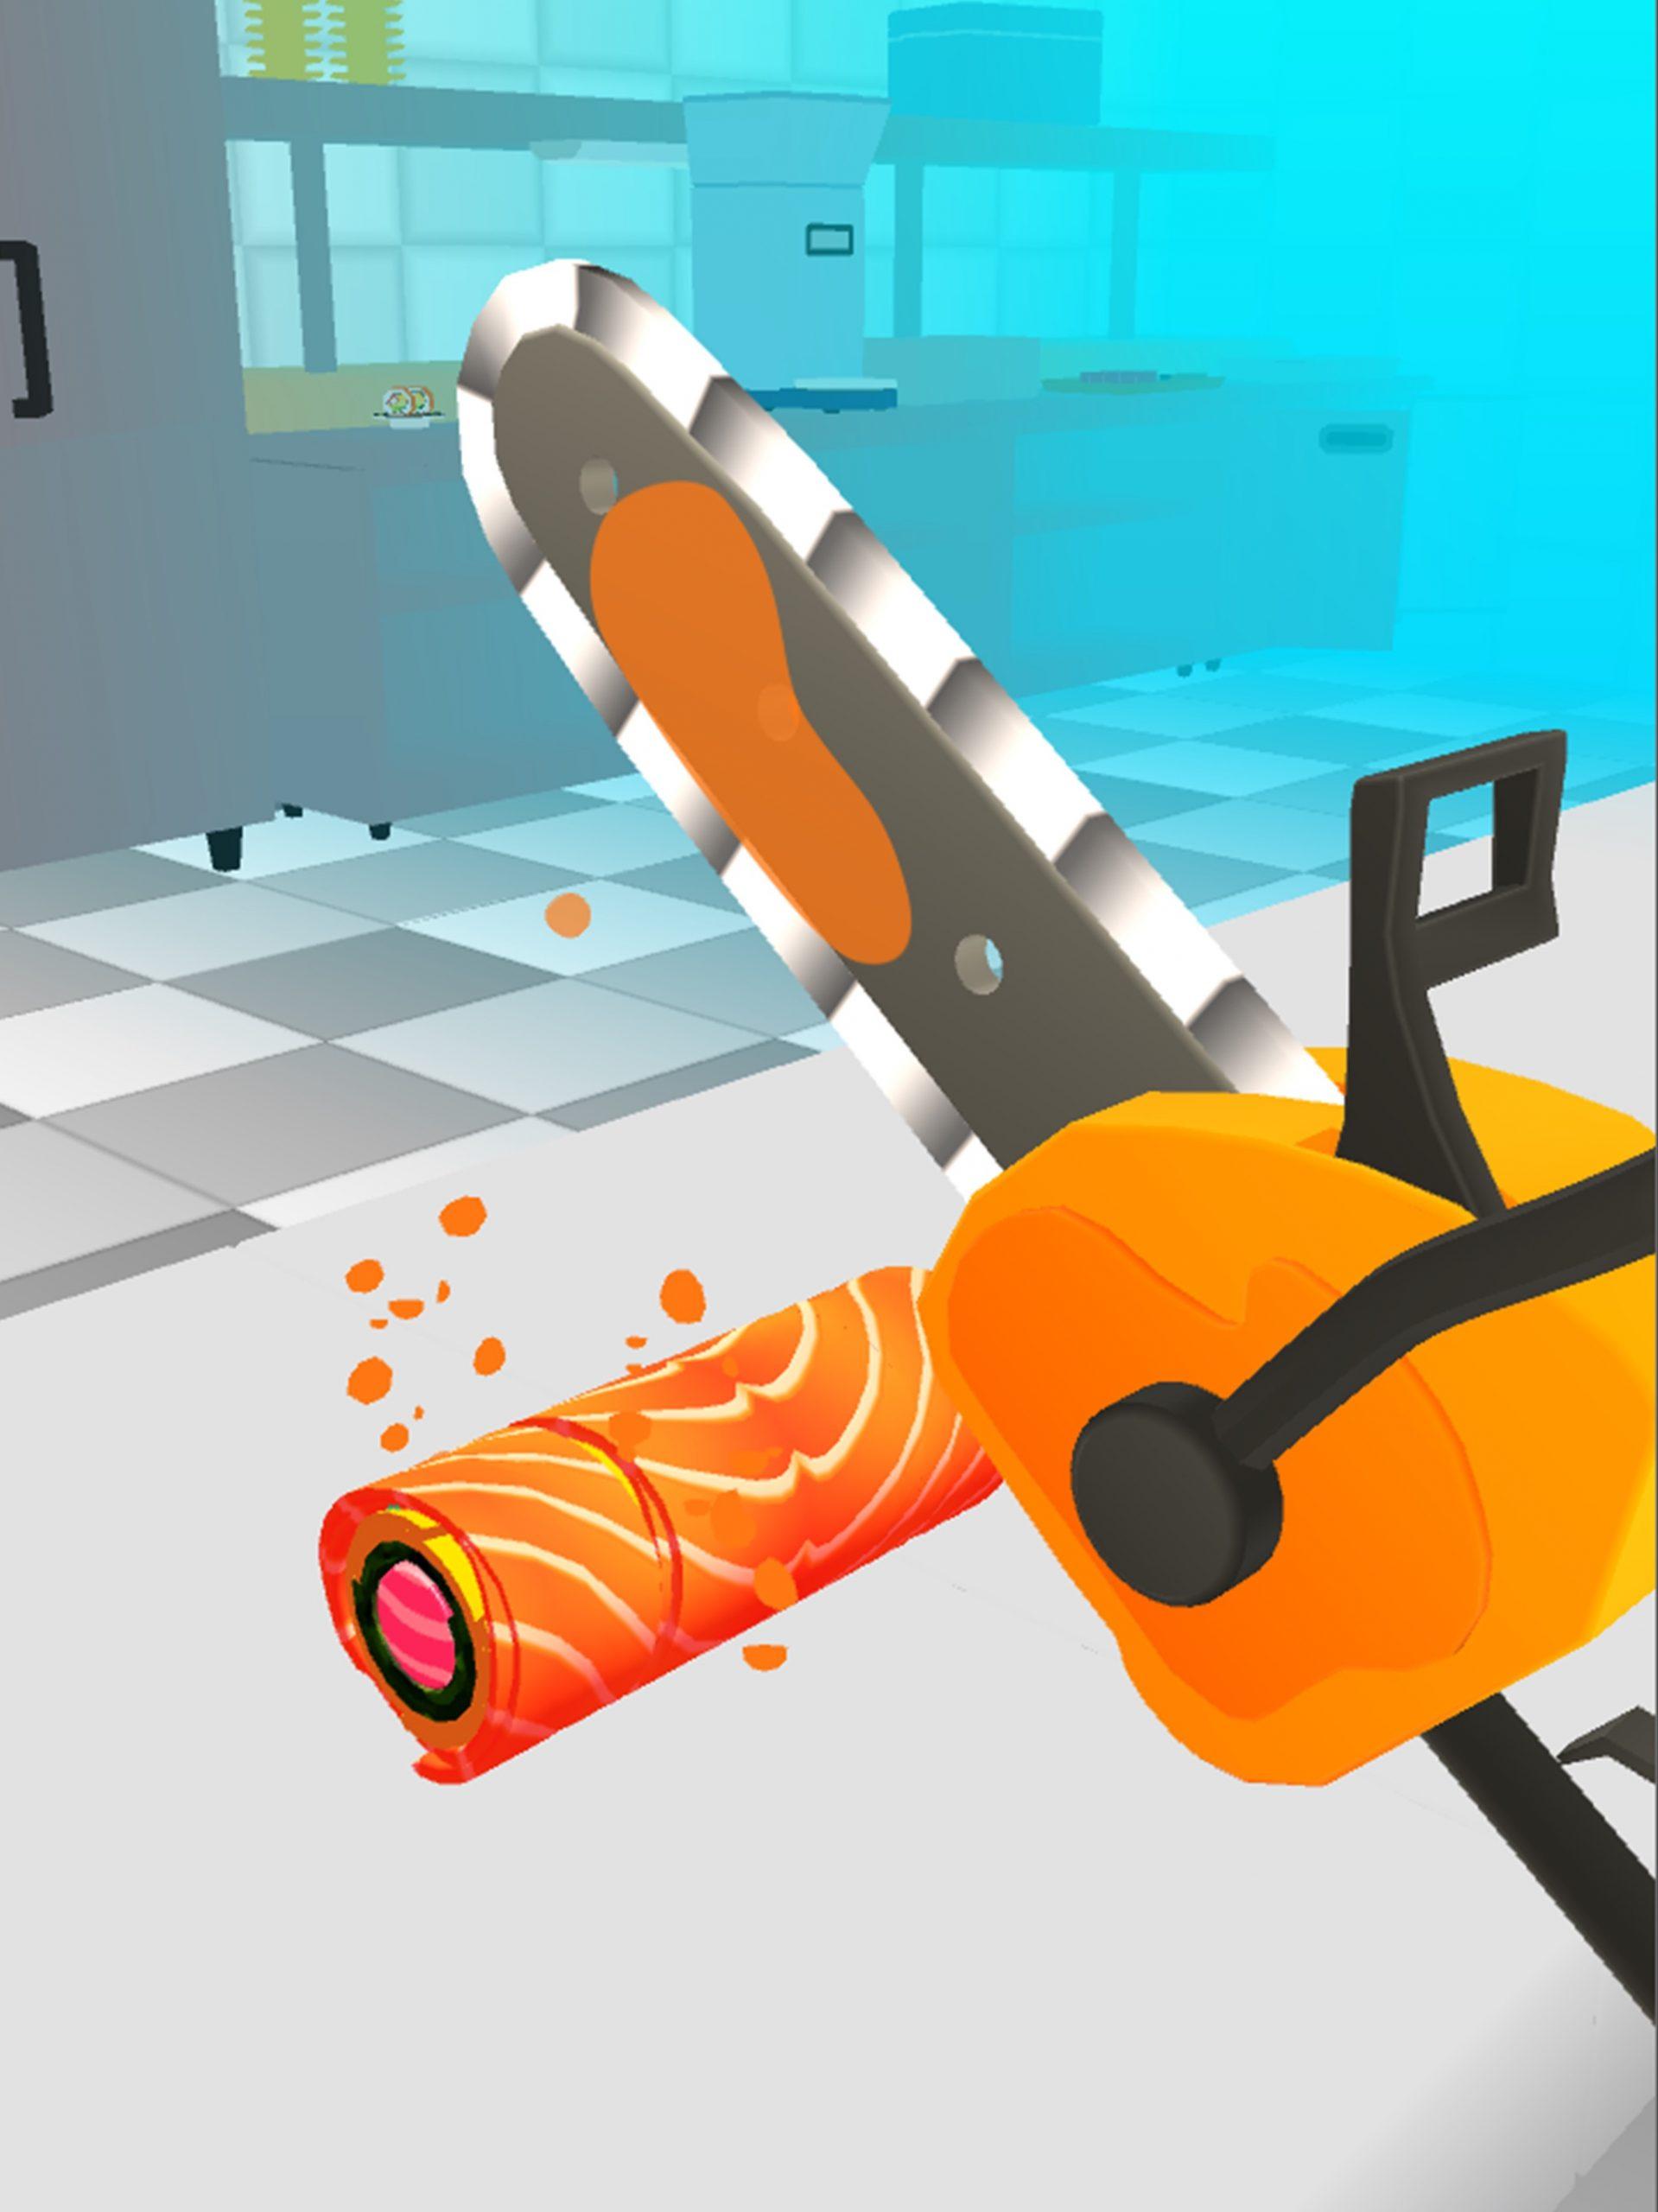 Sushi Roll 3Dのプレイ方法とは